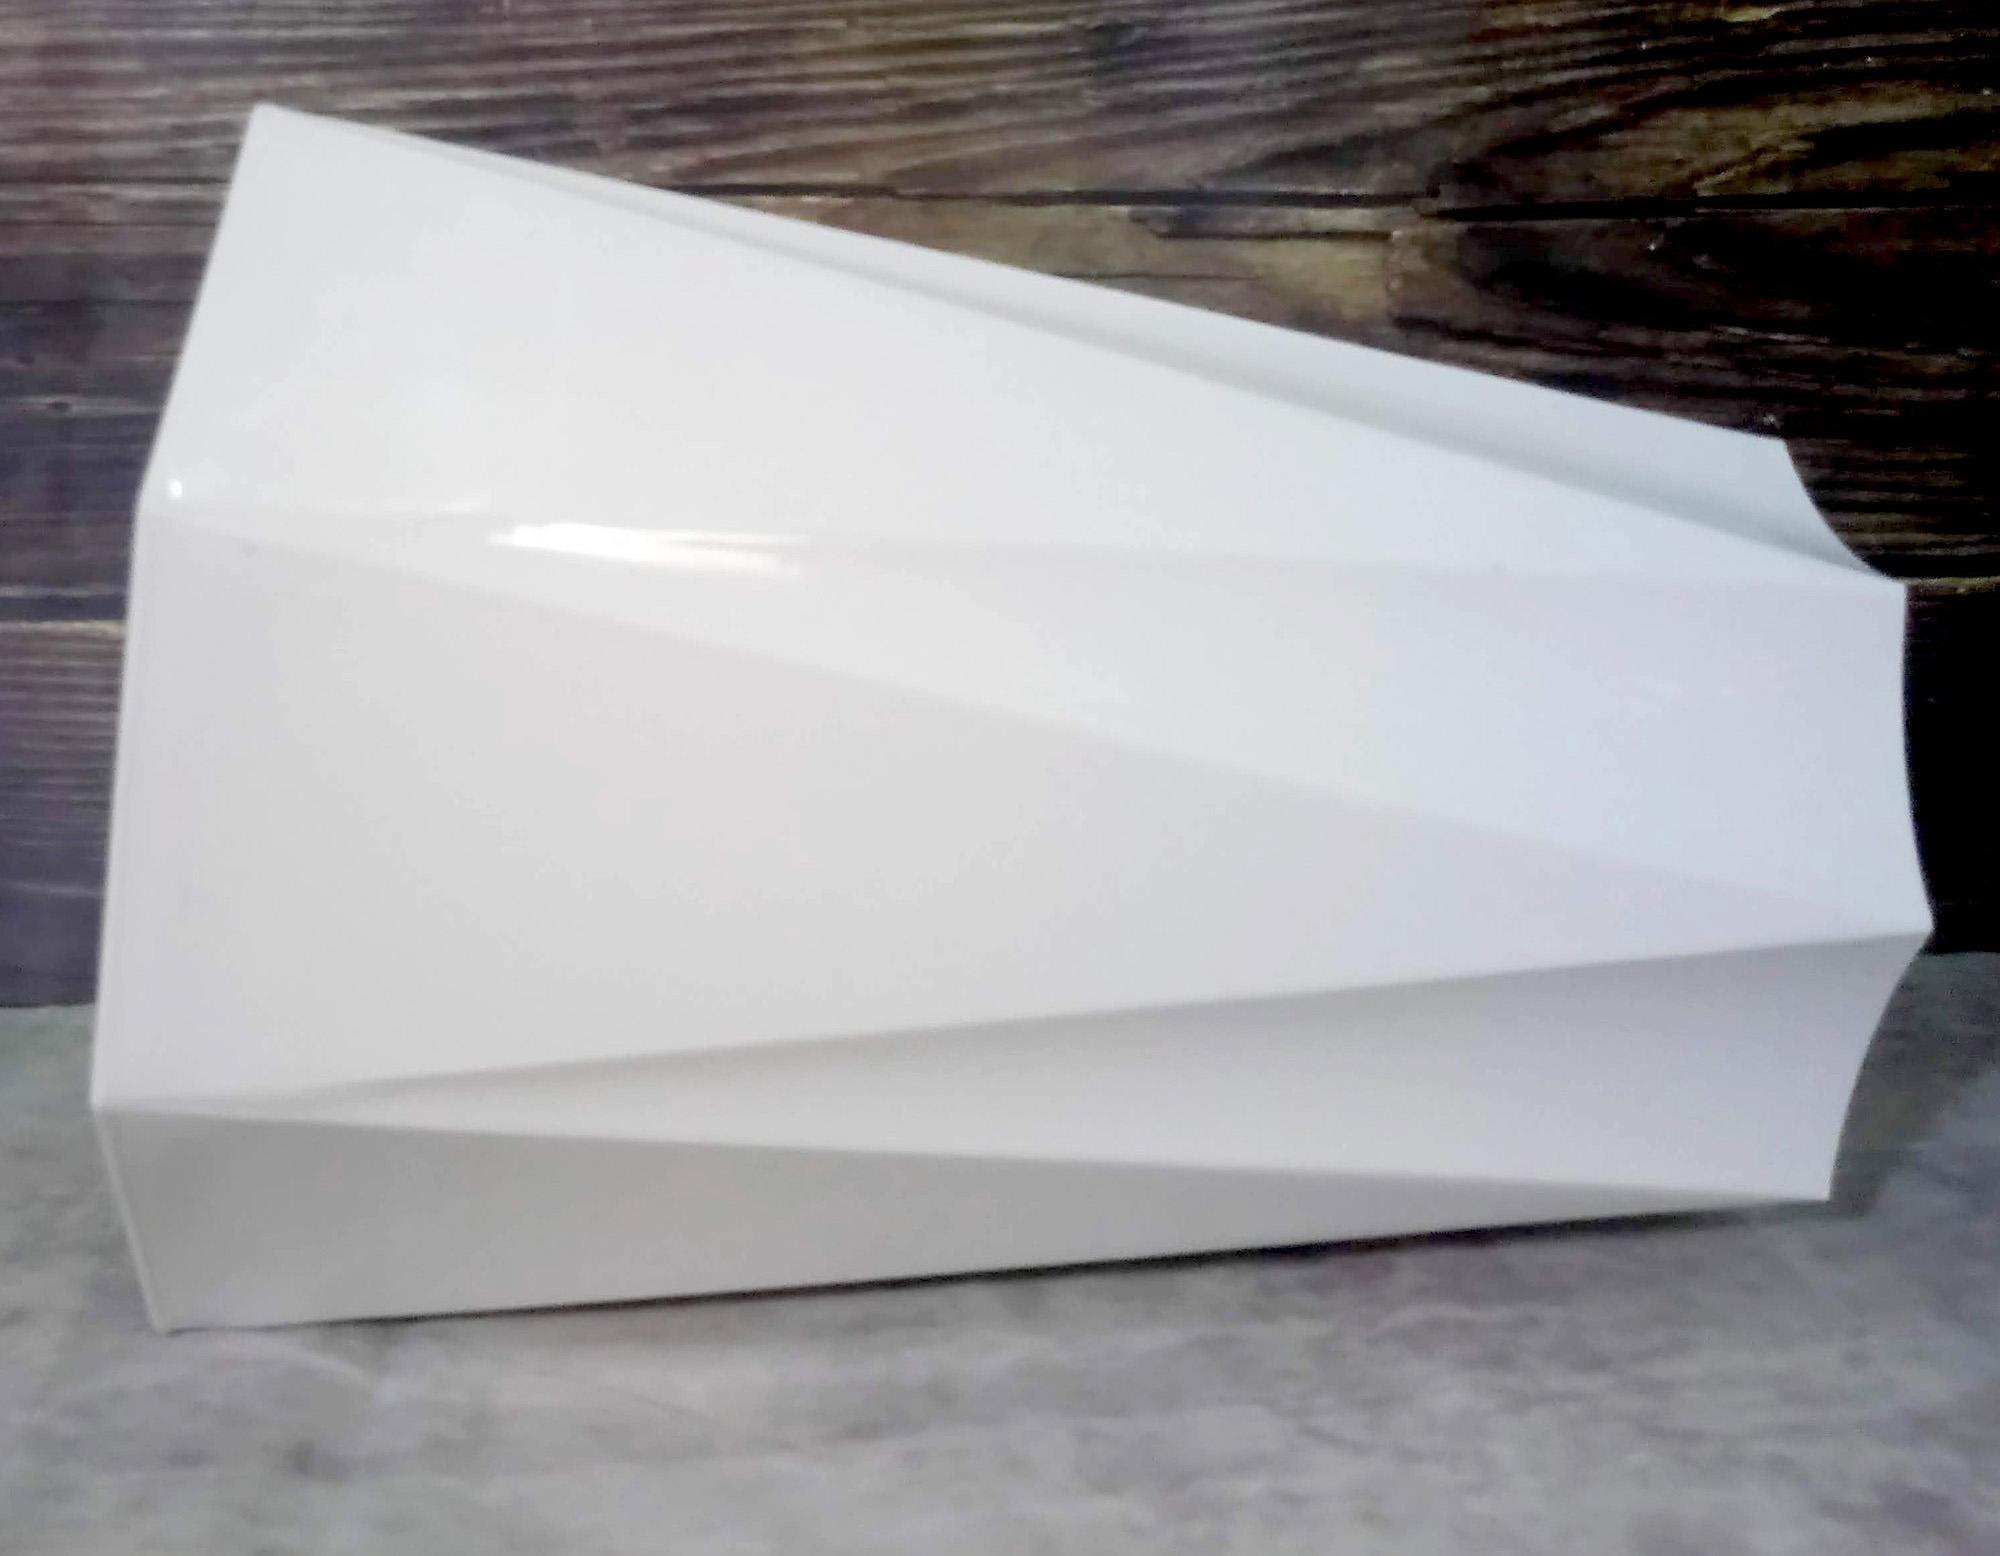 Chậu Nhựa Trồng Cây Tám Cạnh Giả Sứ Cao Cấp (25x16x32cm) - Thiết Kế Tinh Xảo, Bền Đẹp Thích Hợp Trồng Cây Cảnh, Cây Ăn Quả, Chất Liệu Nhựa ABS Cao Cấp - Hàng VNXK Châu Âu